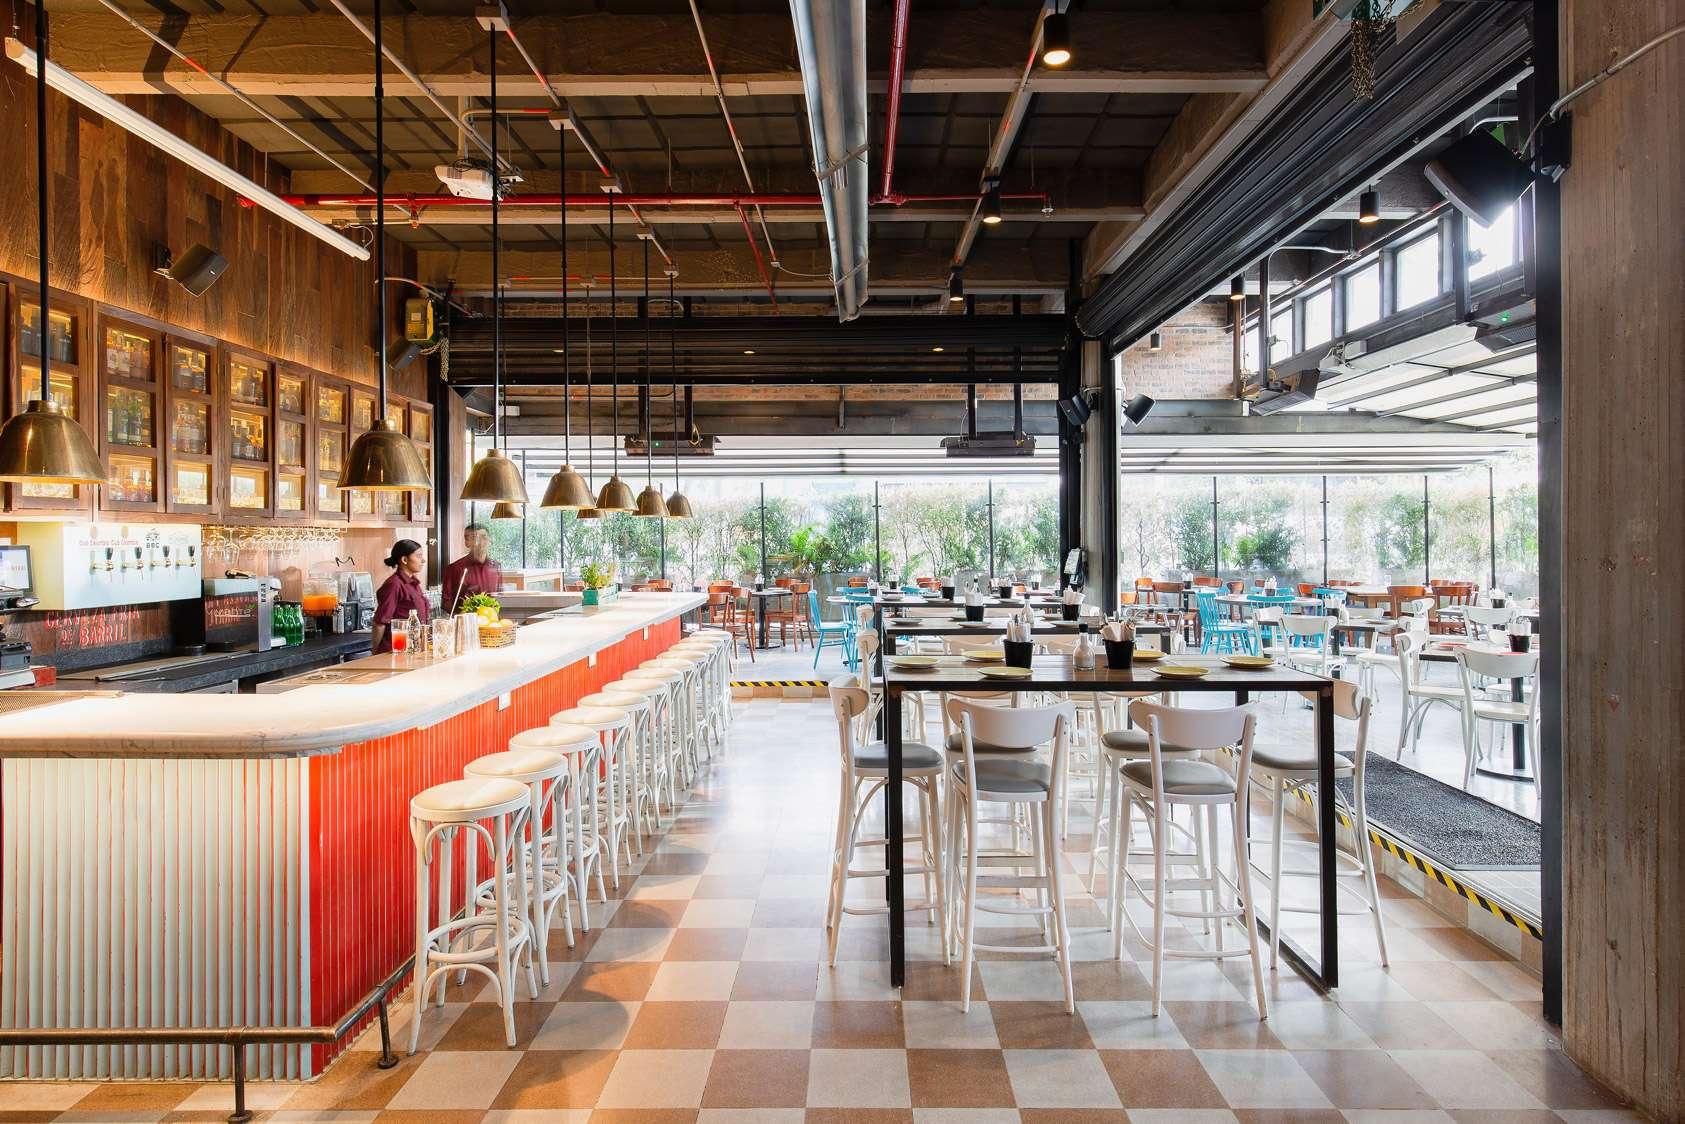 08muñoz.bosch.cevivheria.bogota.restaurante.simonbosch.photography.interior.coala.constructora